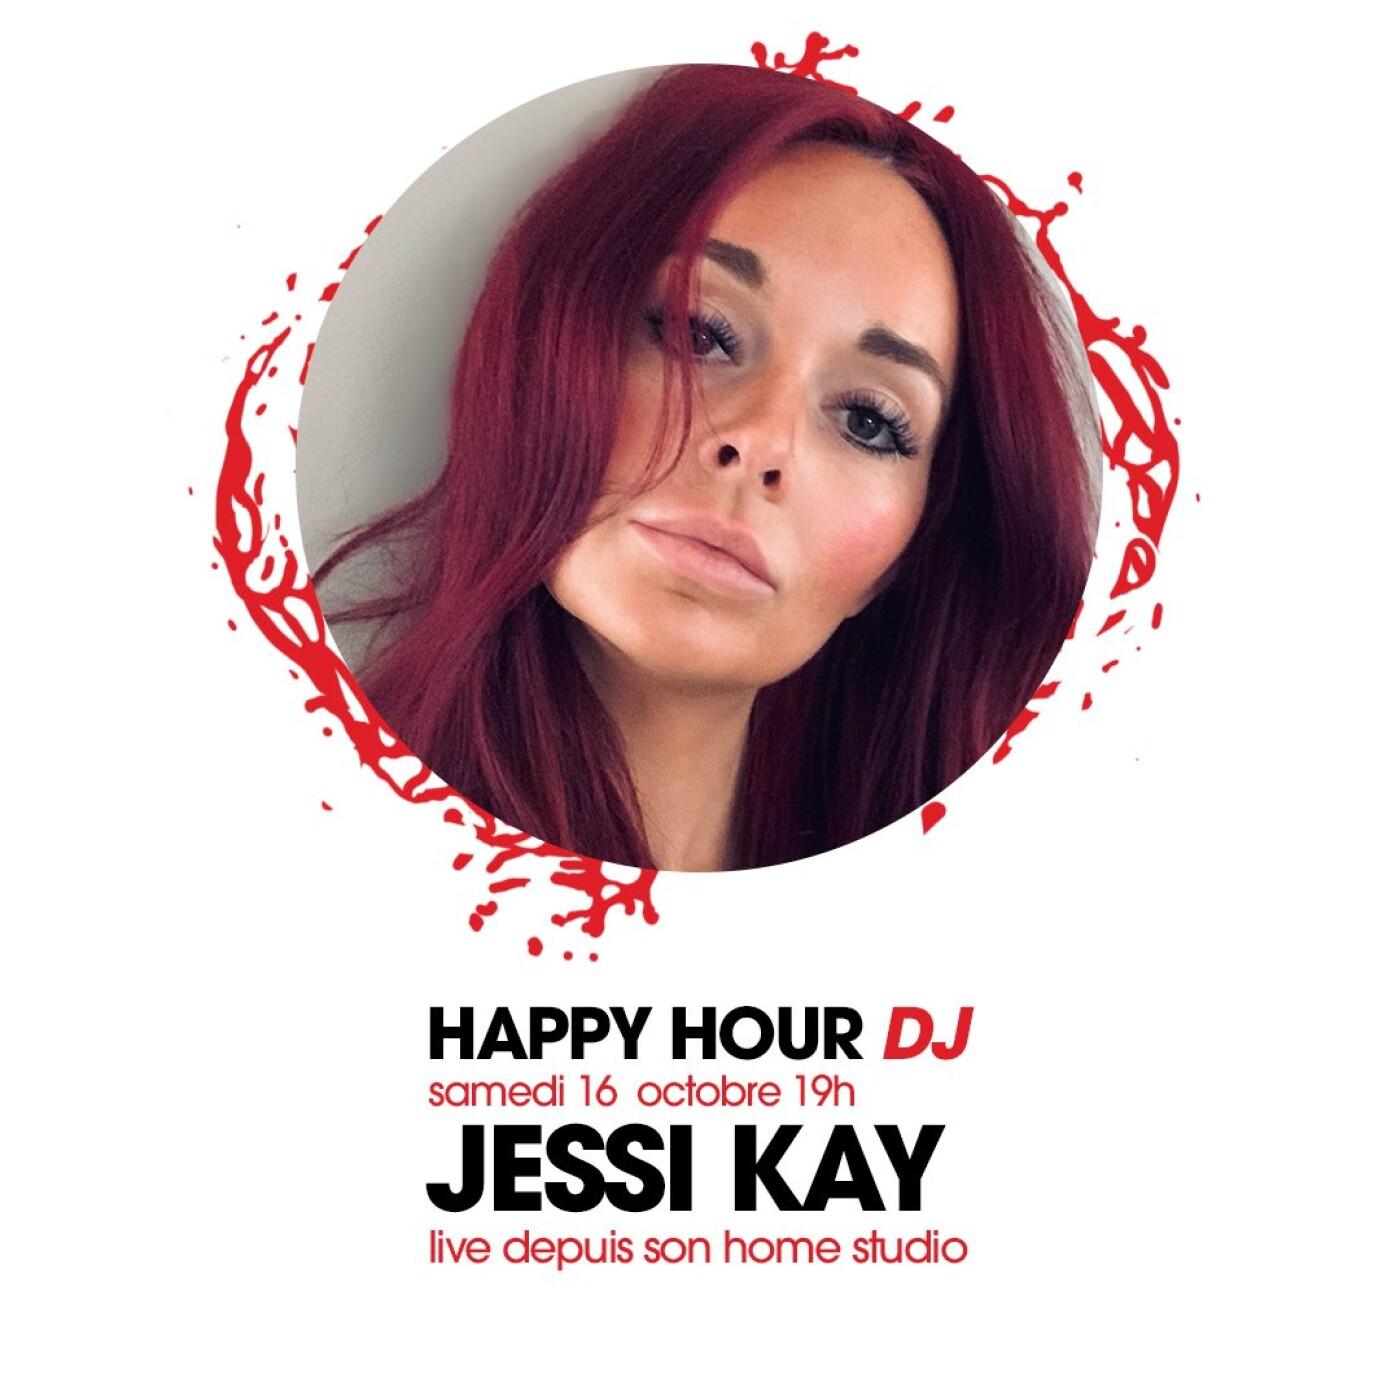 HAPPY HOUR DJ : JESSI KAY